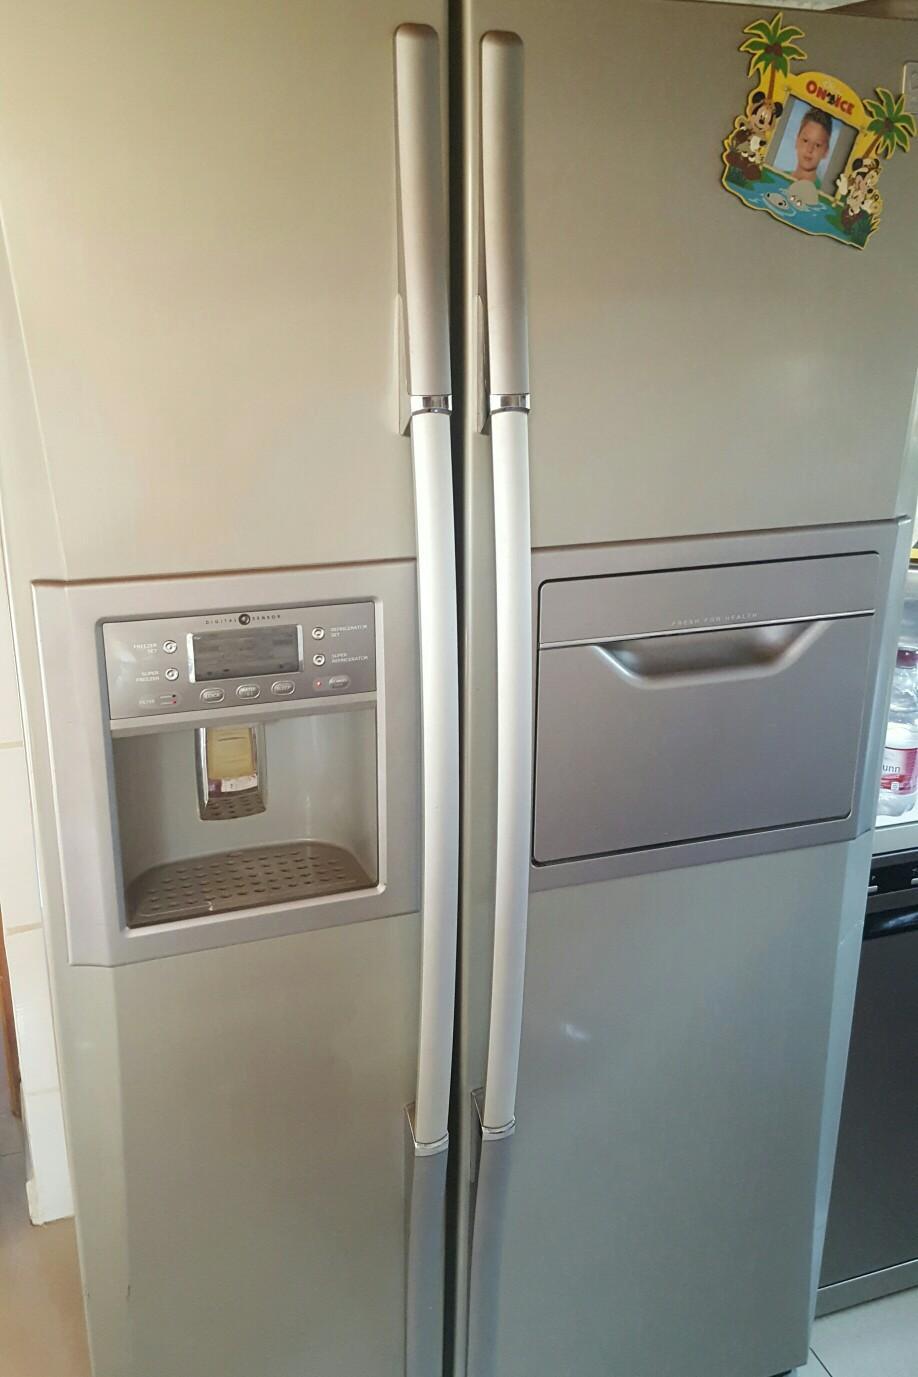 Amerikanischer Kühlschrank Maße : Gebraucht amerikanischer kühlschrank mit eismaker in berlin